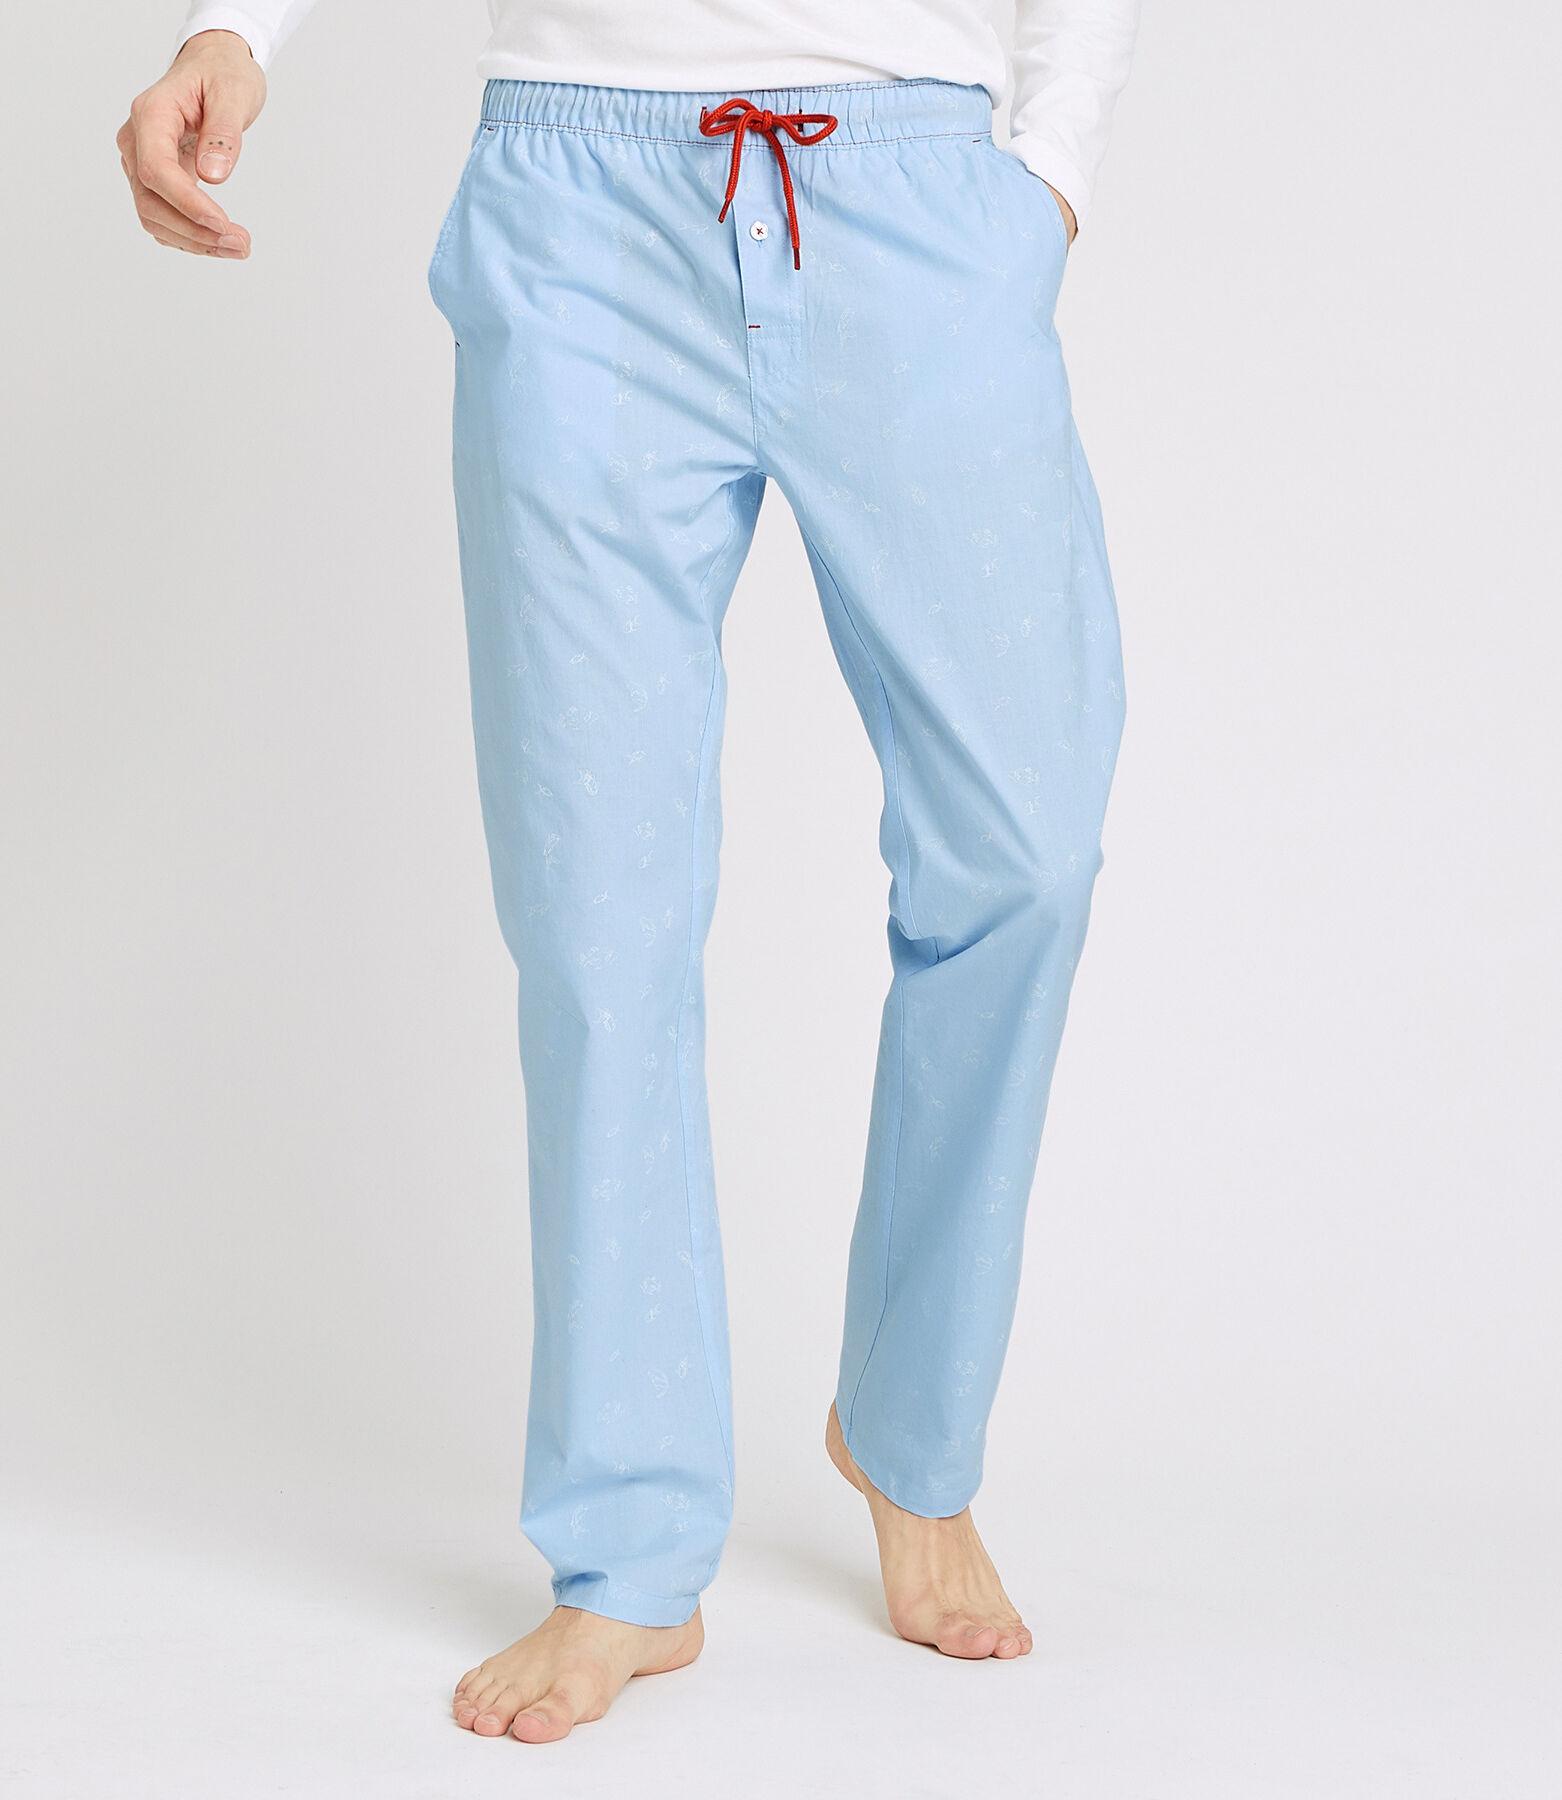 Nightwear Bleu Fantaisie